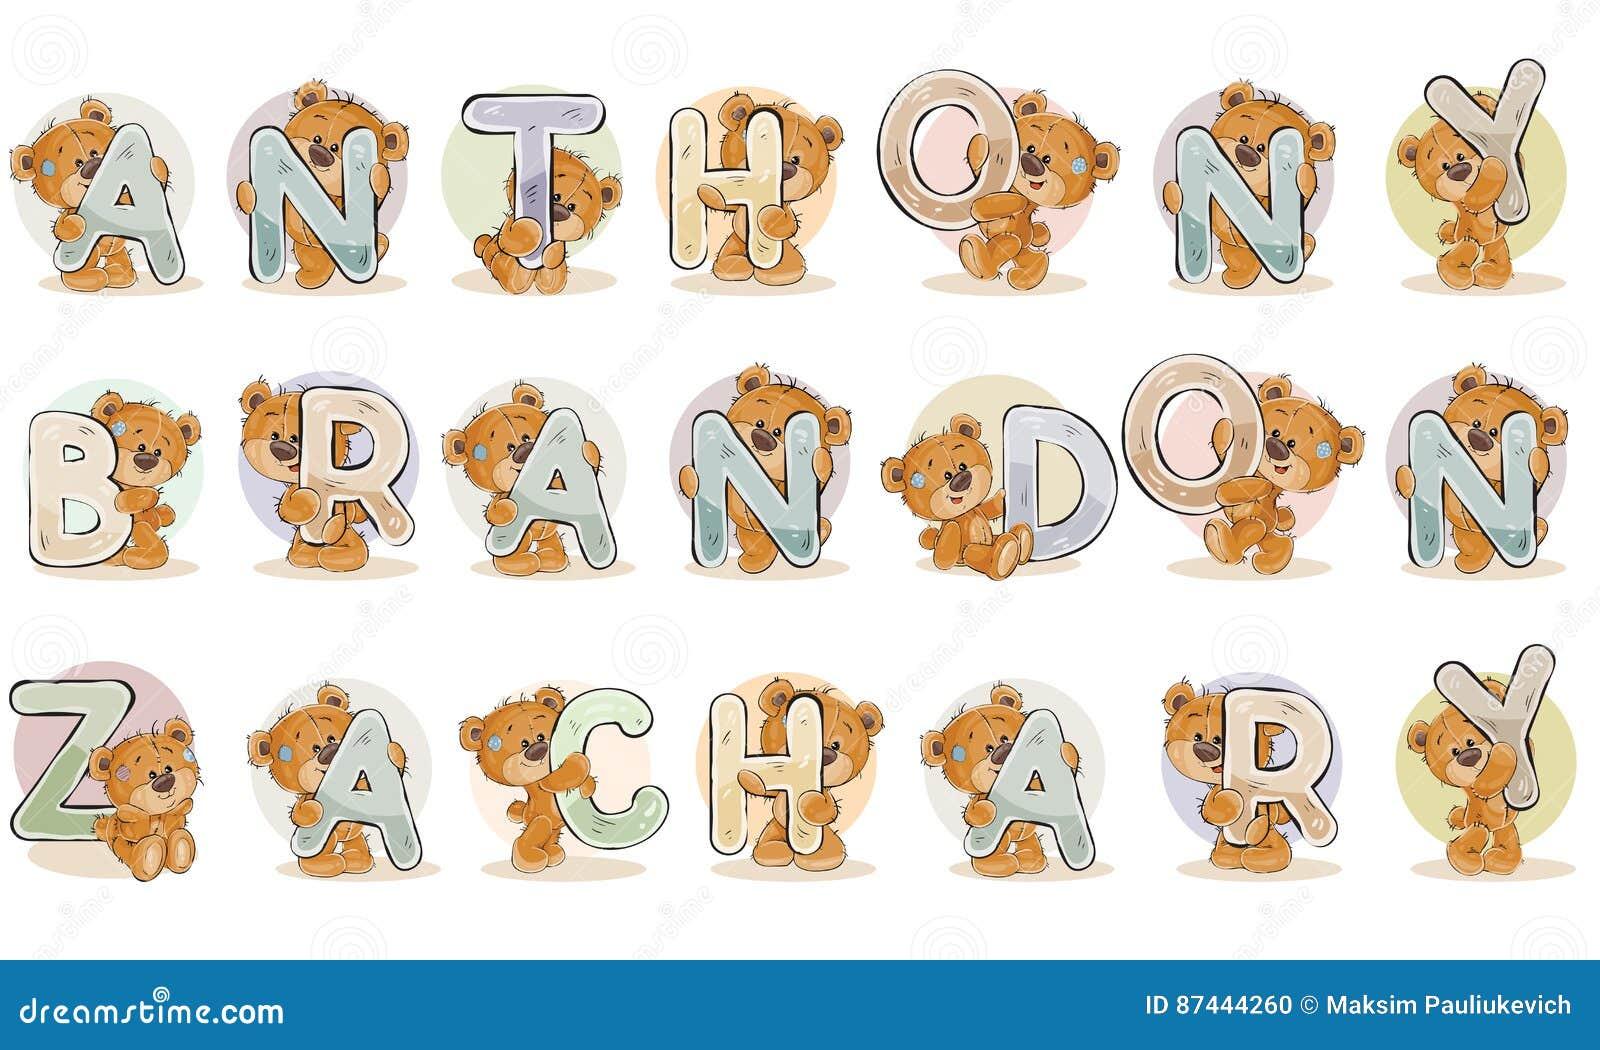 los nombres para los muchachos anthony brandon zacarias hicieron letras decorativas con los osos de peluche - Letras Decorativas